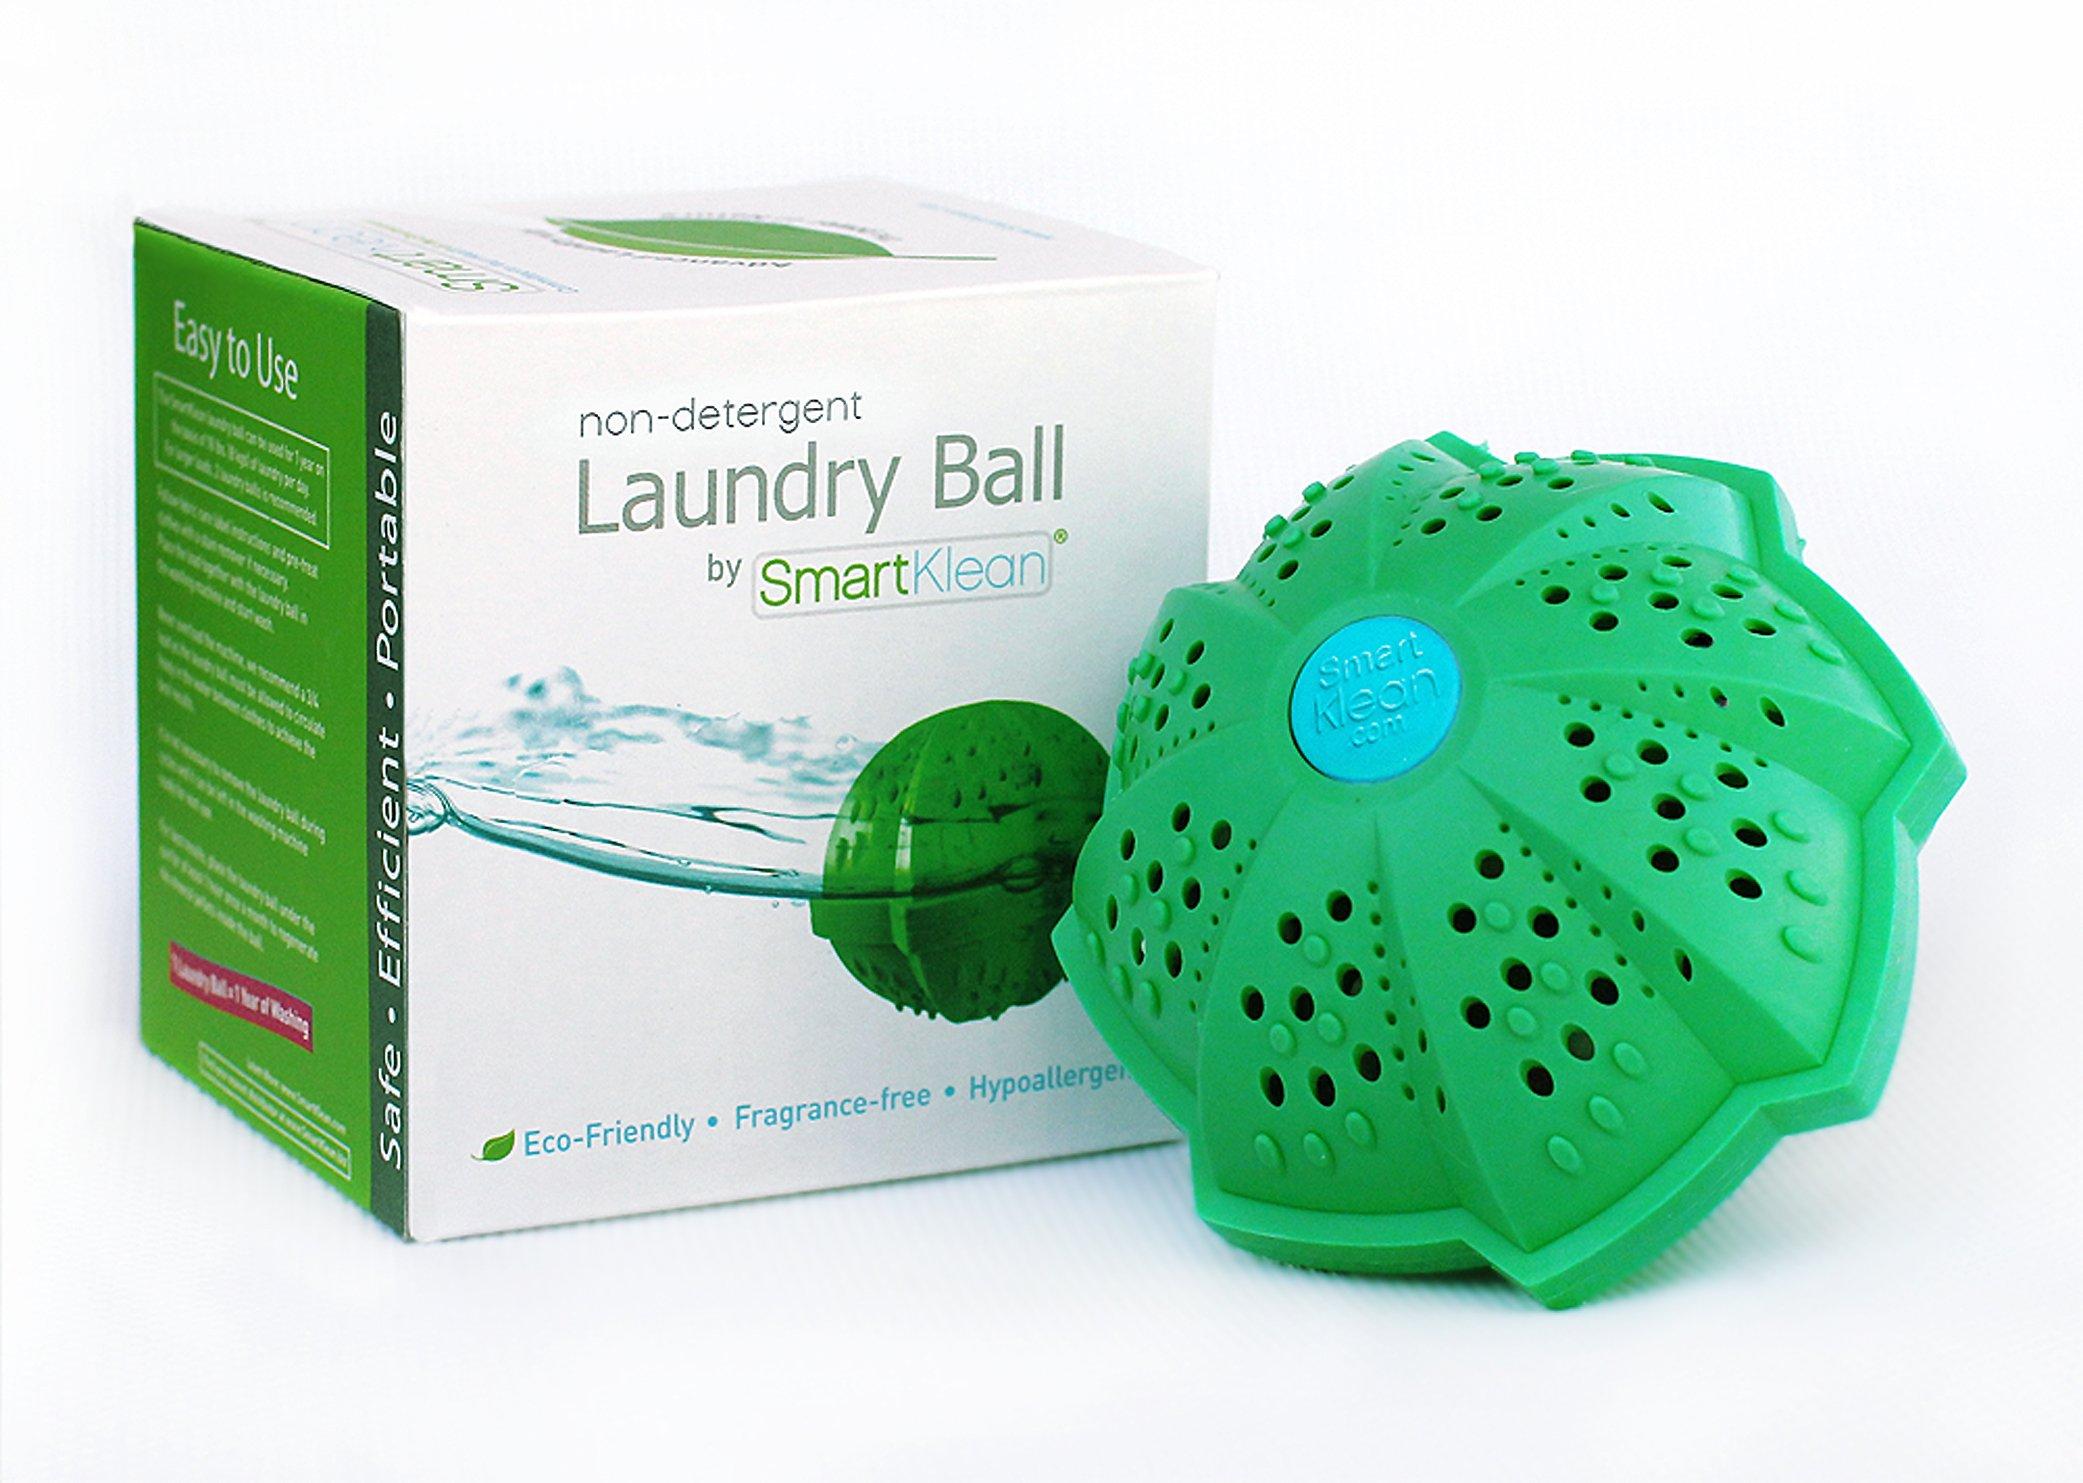 SmartKlean Laundry Ball, Detergent Alternative - Case of 12